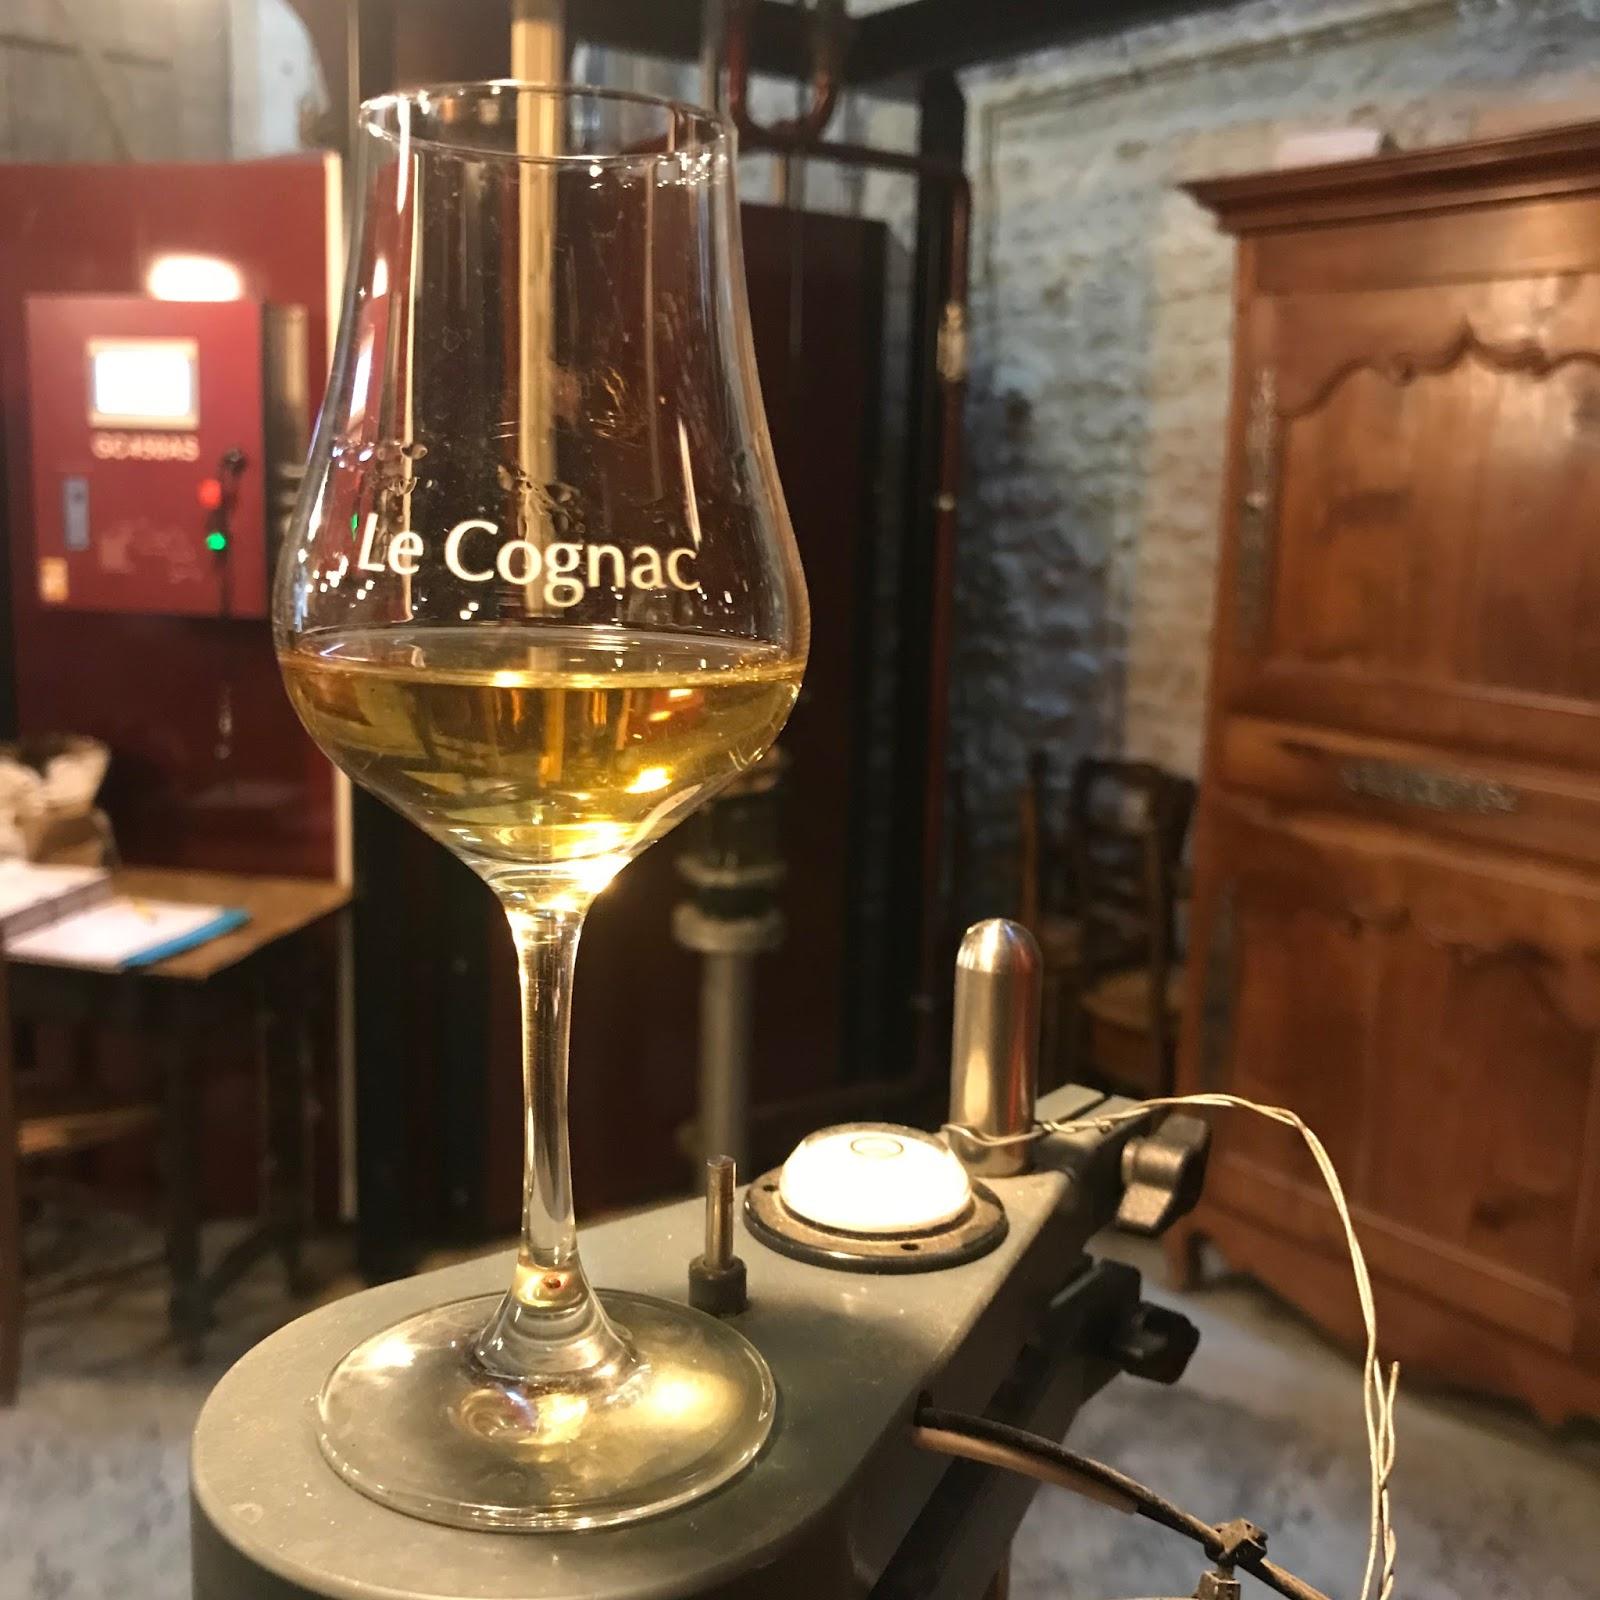 Quelle dose de cognac